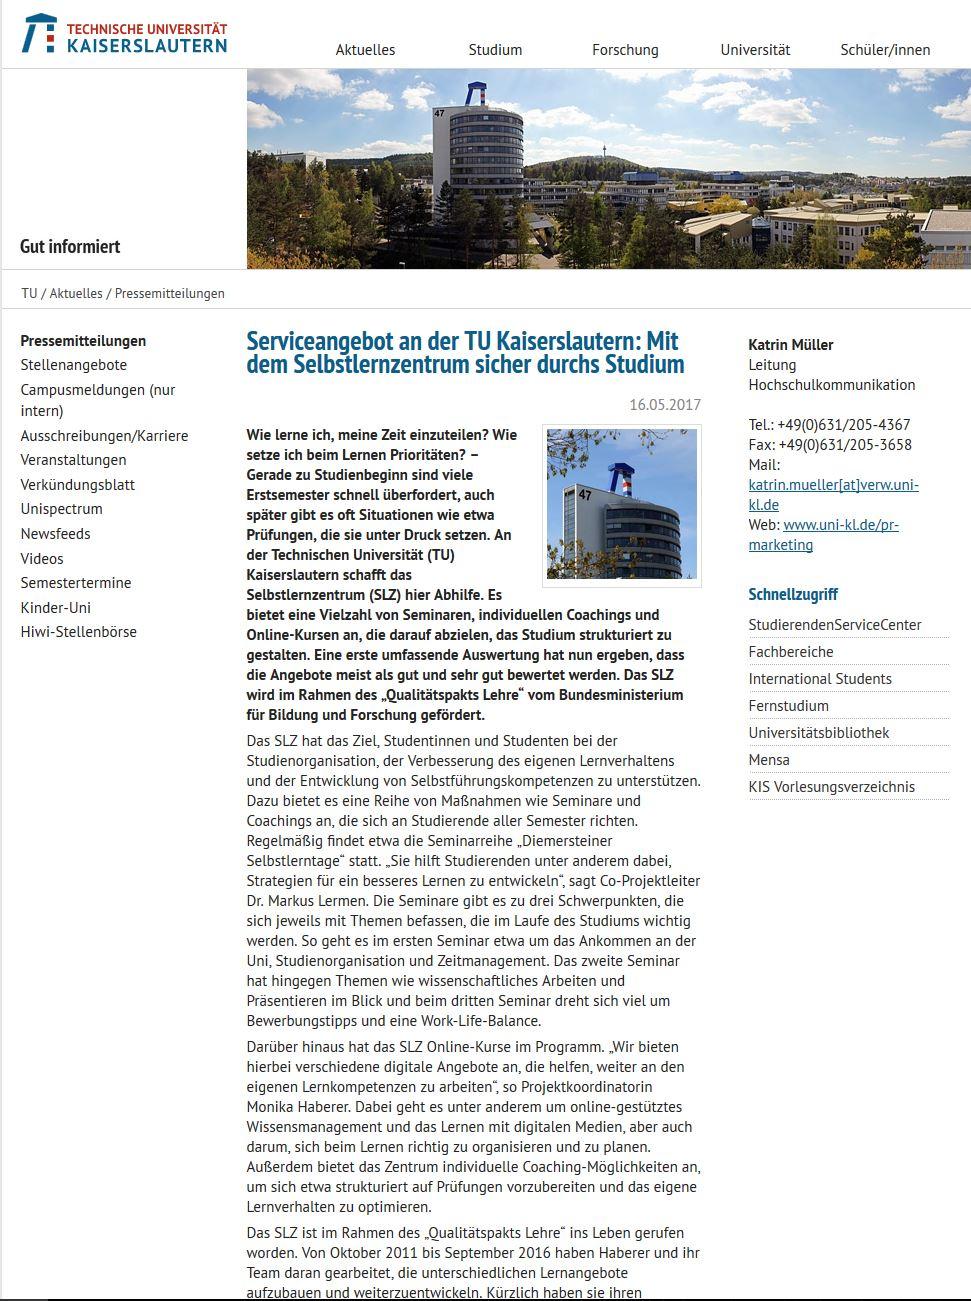 Screenshot der Pressemitteilung Serviceangebot an der TU Kaiserslautern: Mit dem Selbstlernzentrum sicher durchs Studium